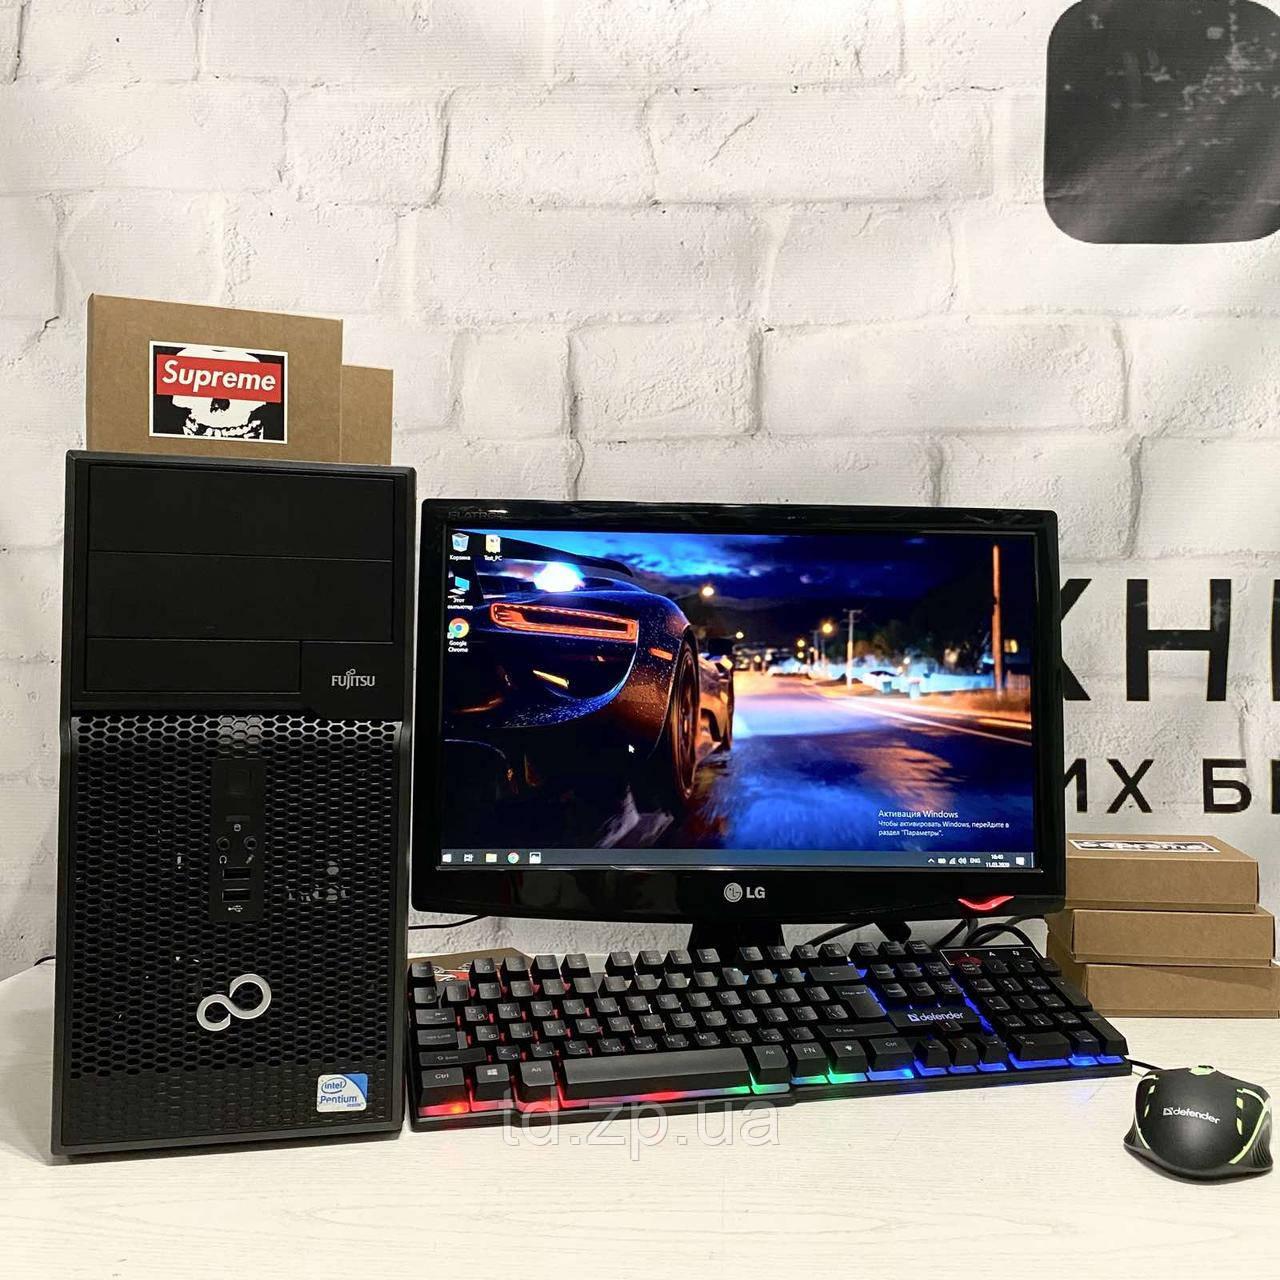 Игровой компьютер Intel Core i5-3470 + GTX 1060 6G + RAM 16Gb DDR3 + HDD 1000Gb + SSD 240Gb